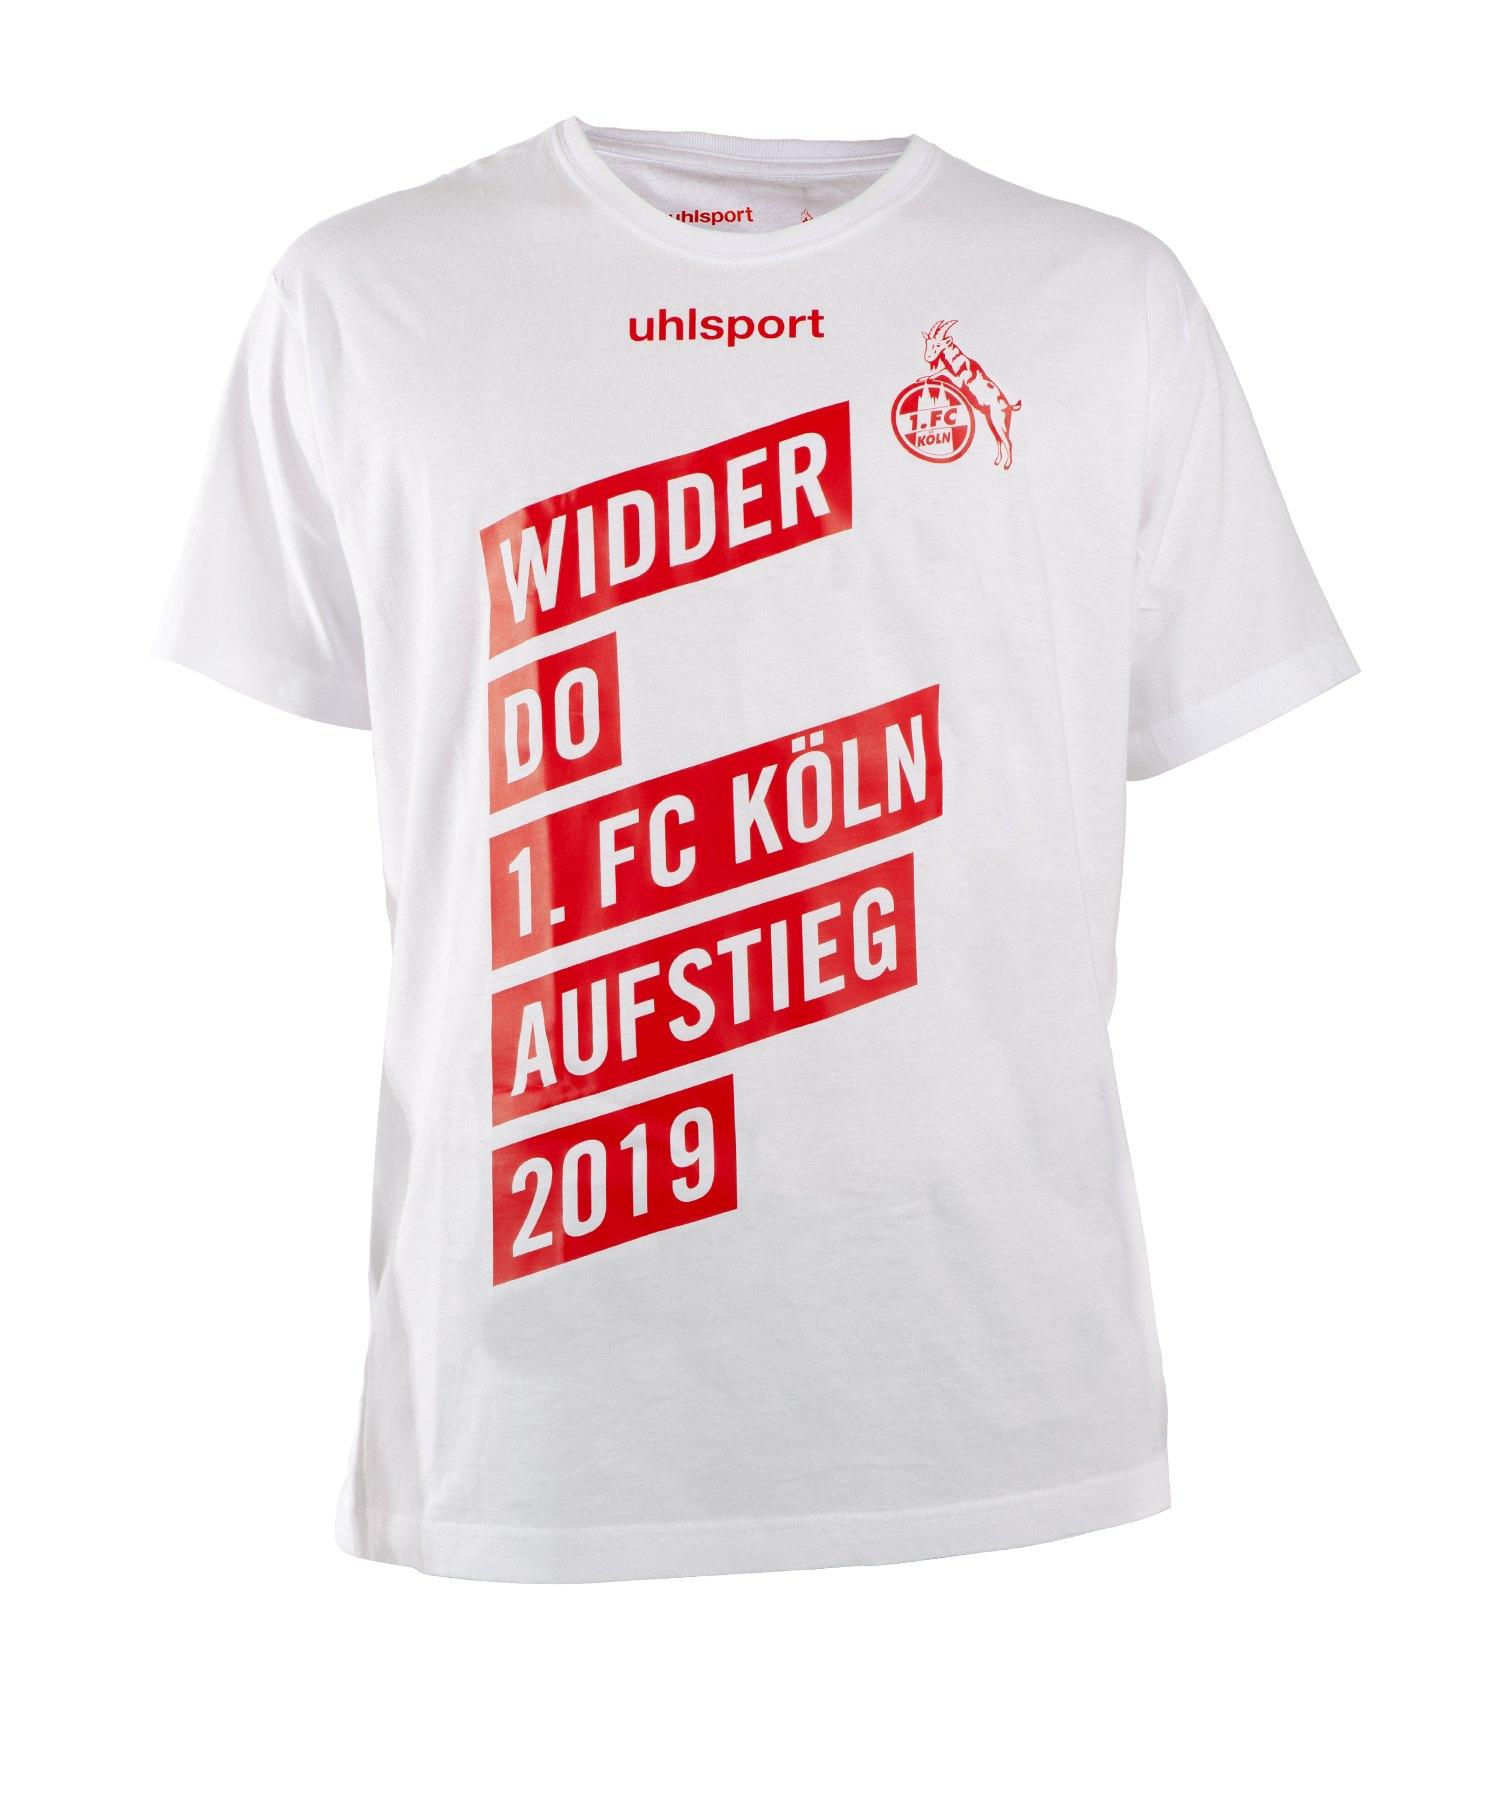 Uhlsport 1.FC Köln Aufstiegs T-Shirt 18/19 Weiss Rot - weiss